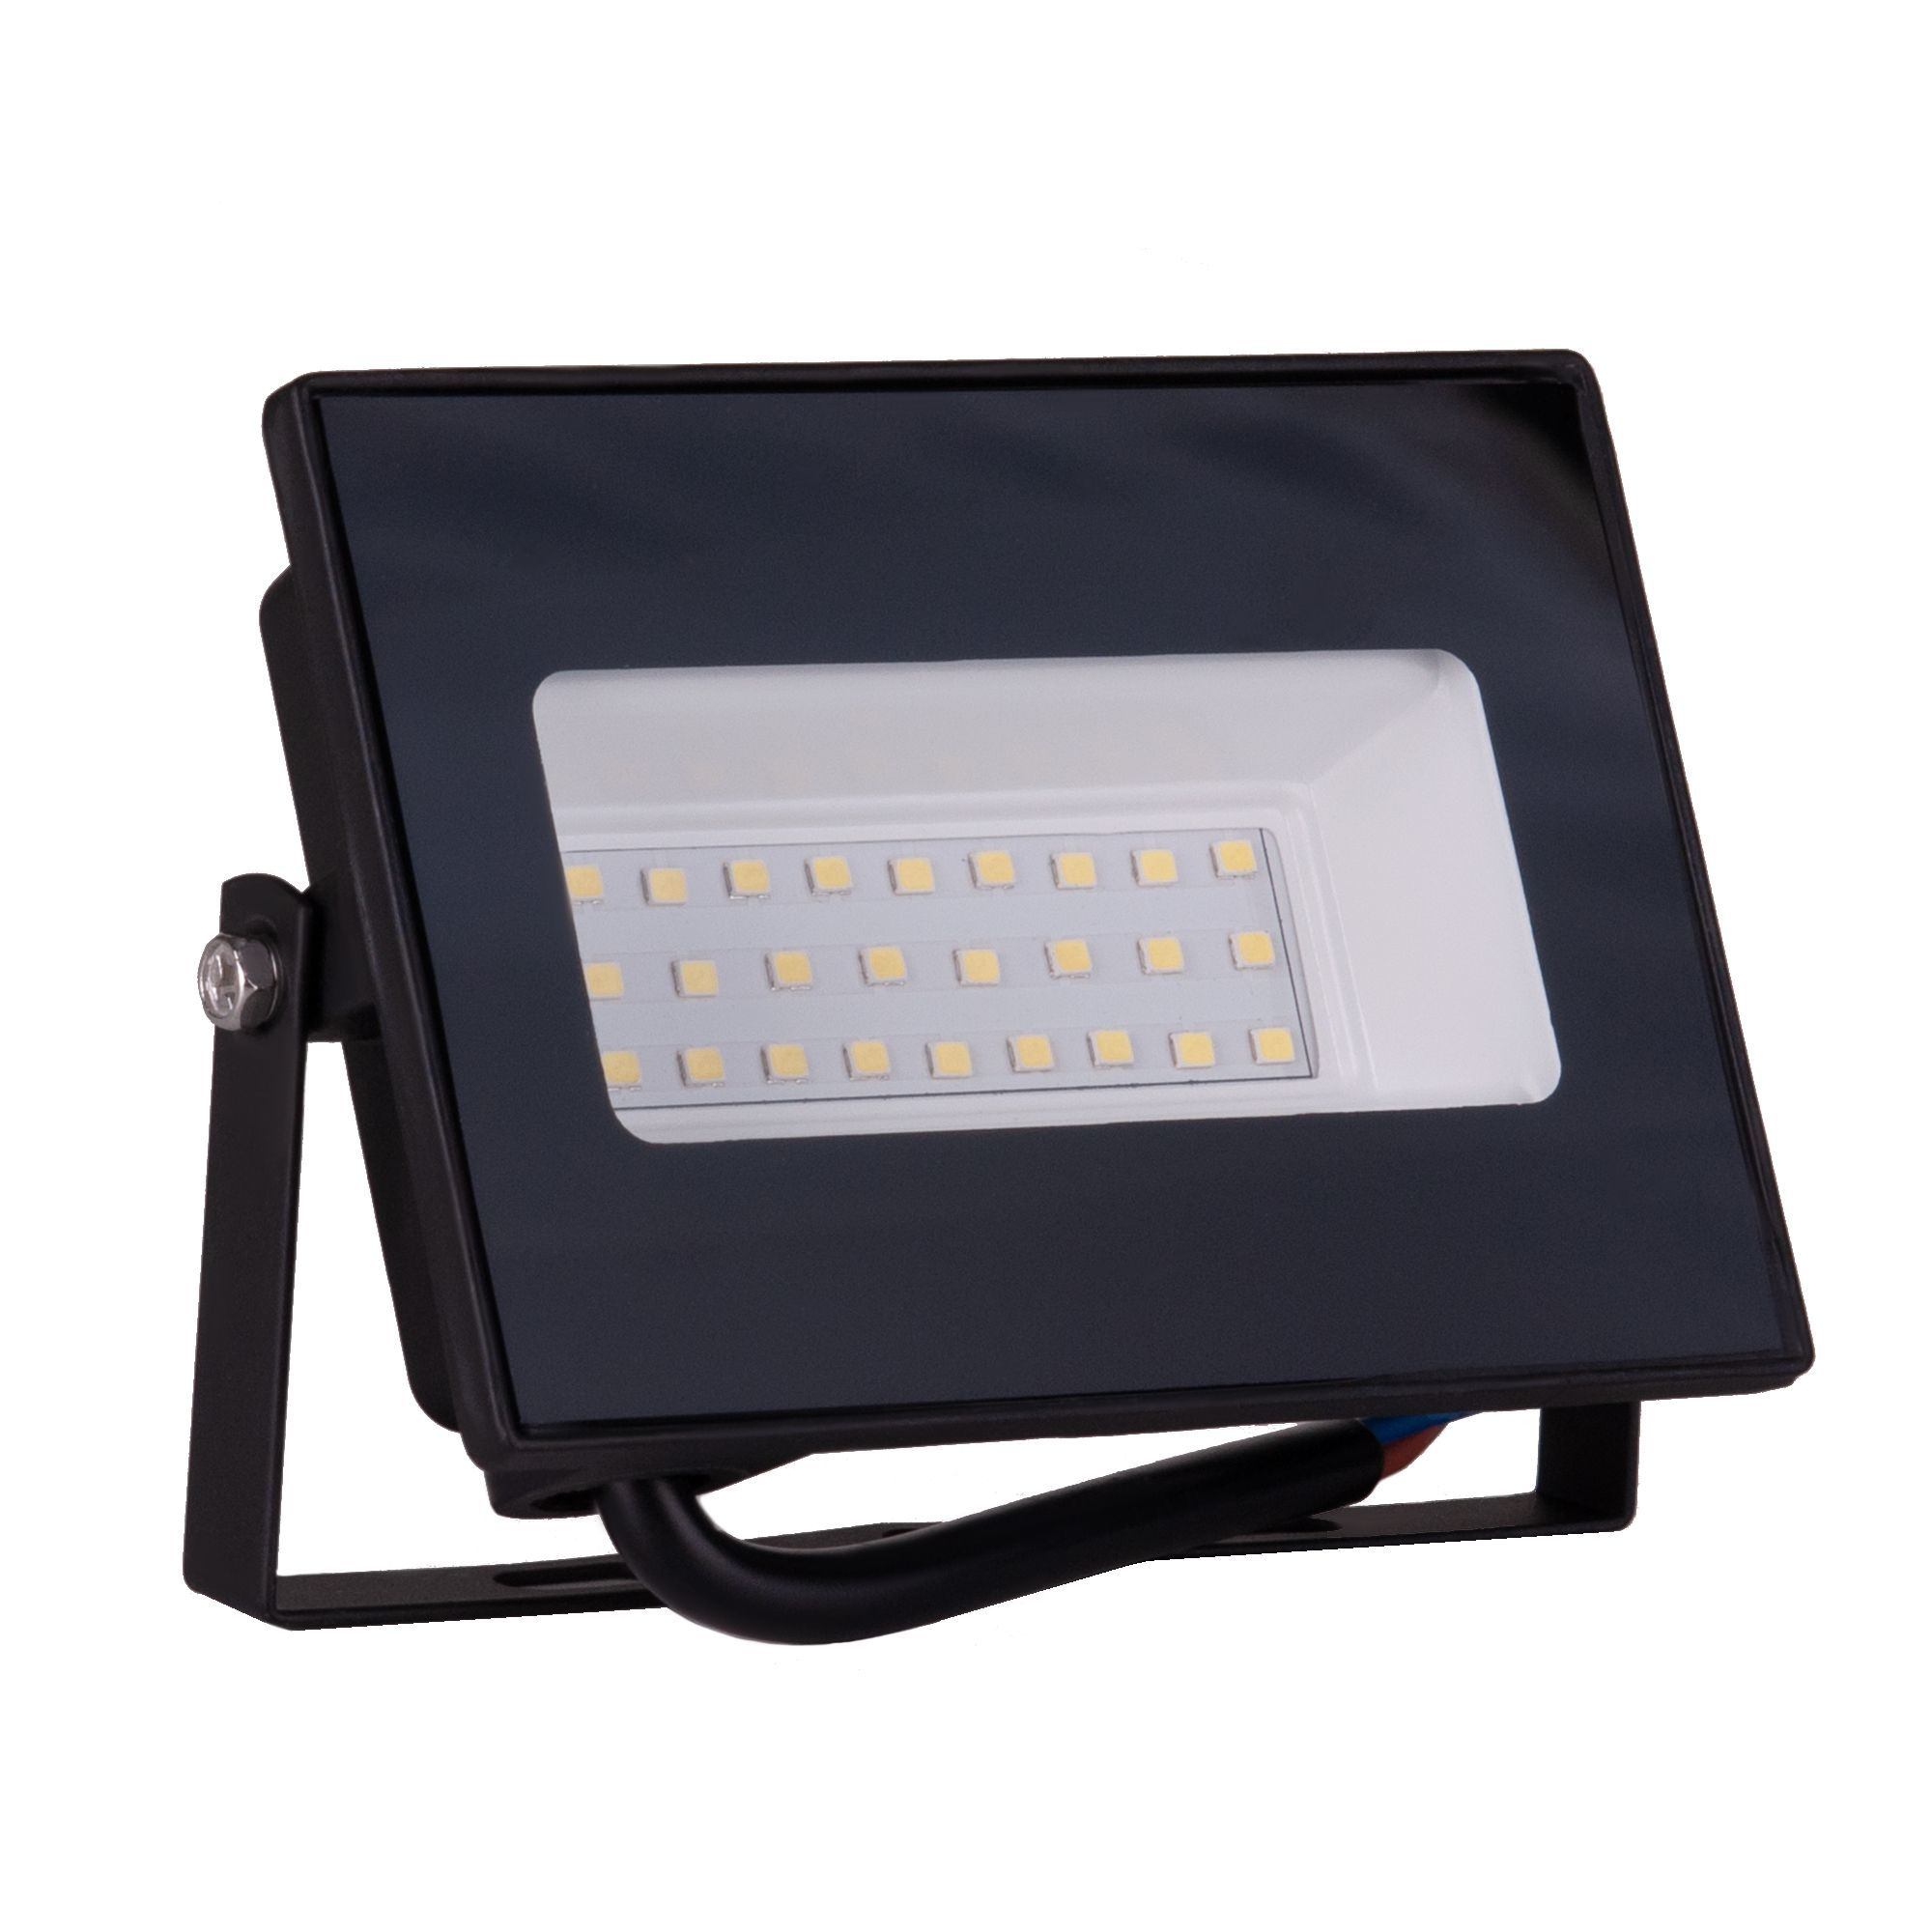 Уличный светодиодный прожектор 30W 6500K IP65 013 FL LED